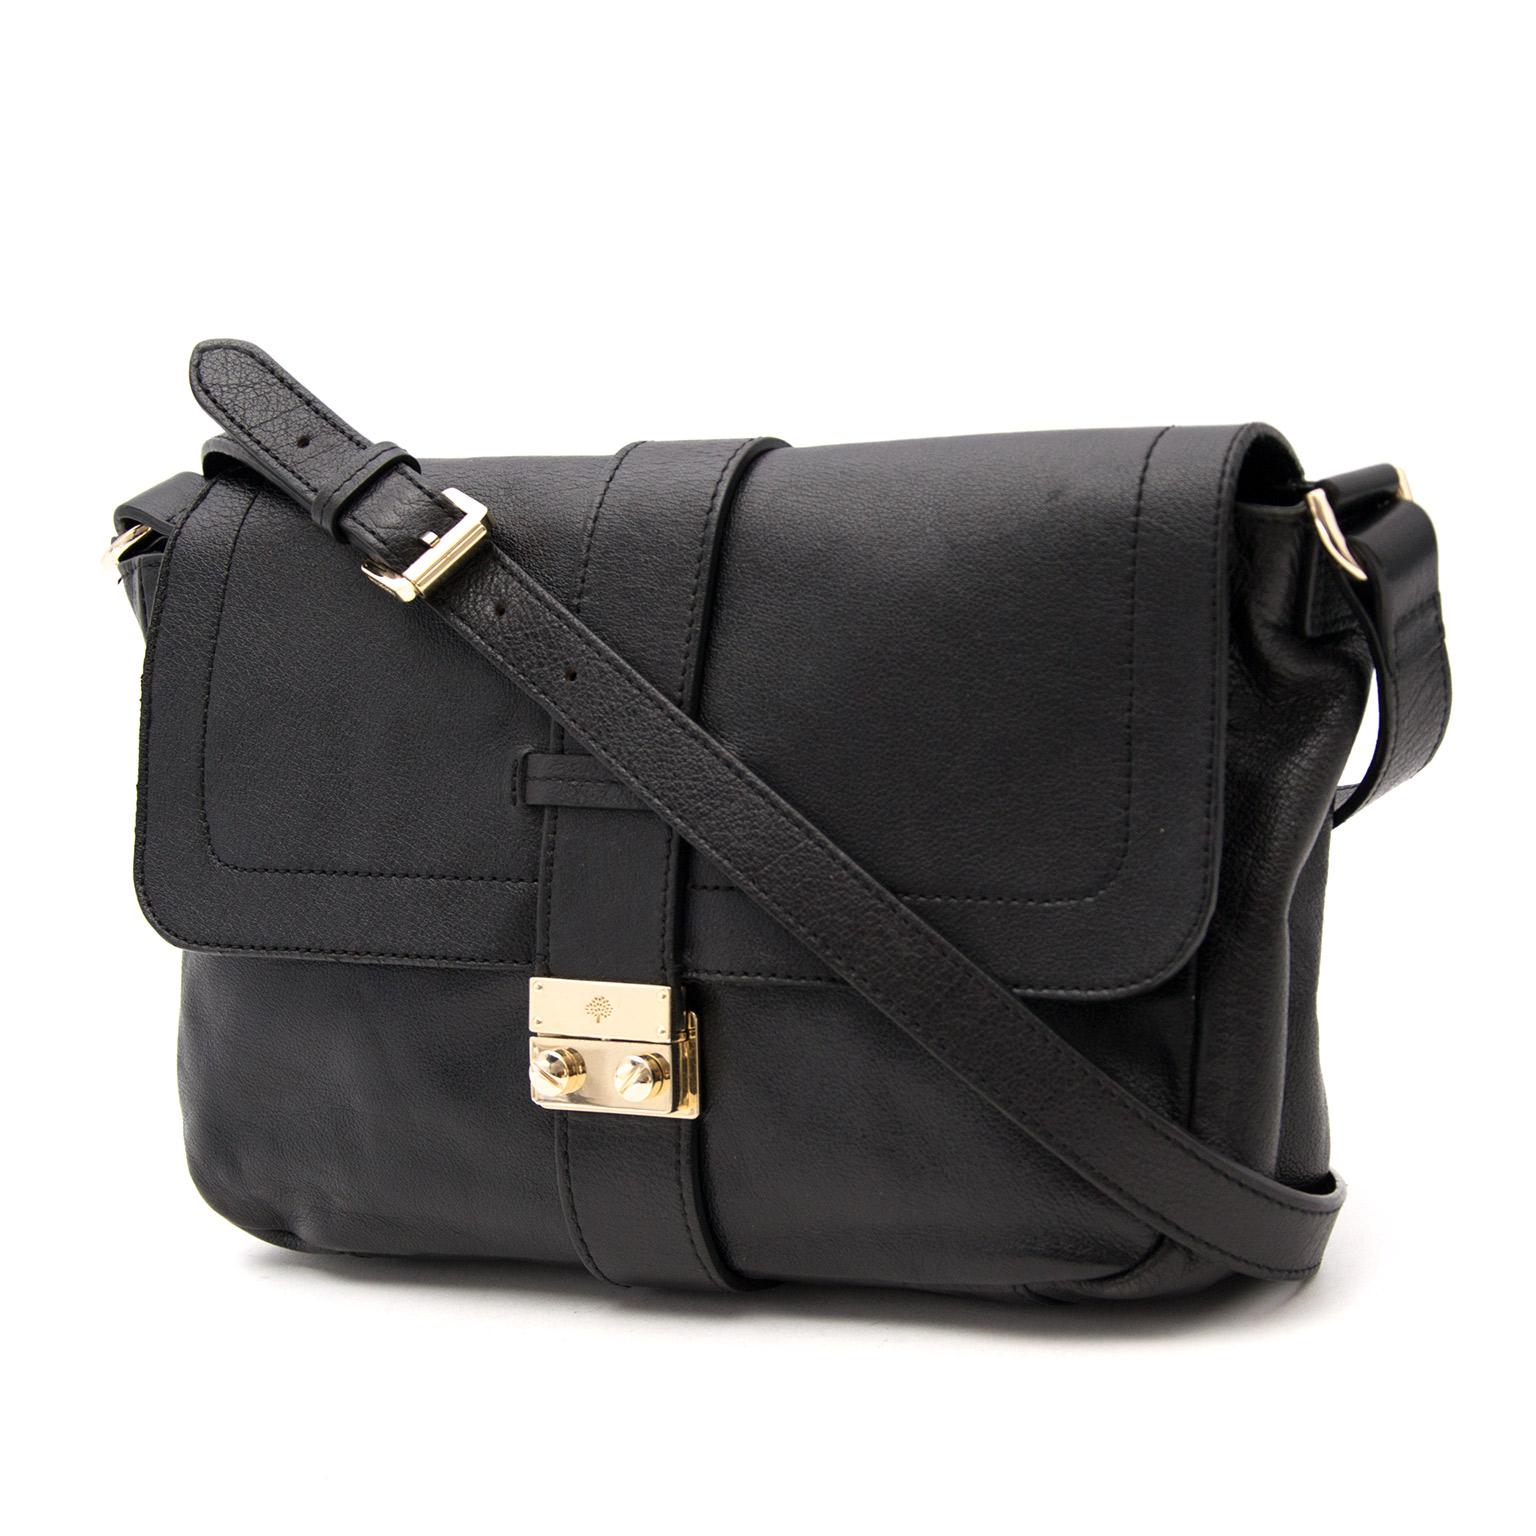 Acheter en ligne pour le meilleur prix chez labellov.com Mulberry Black Cross Body Bag